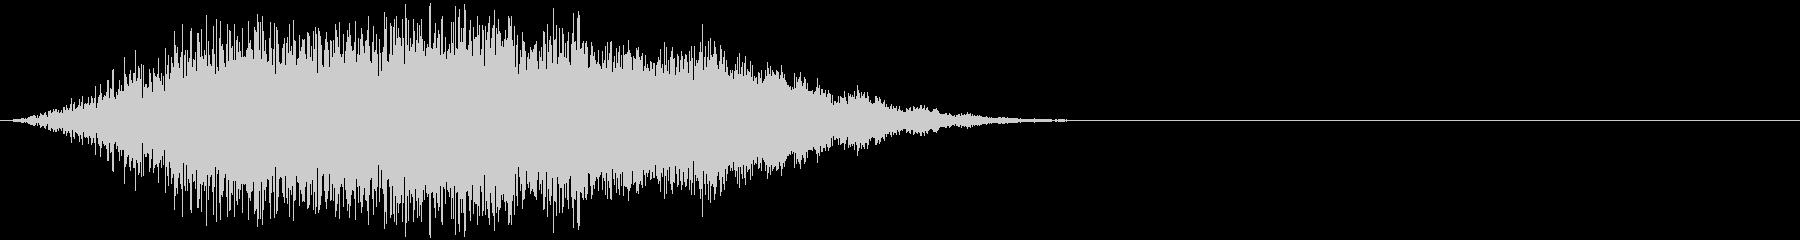 回復音レベルアップギュインキュインの未再生の波形